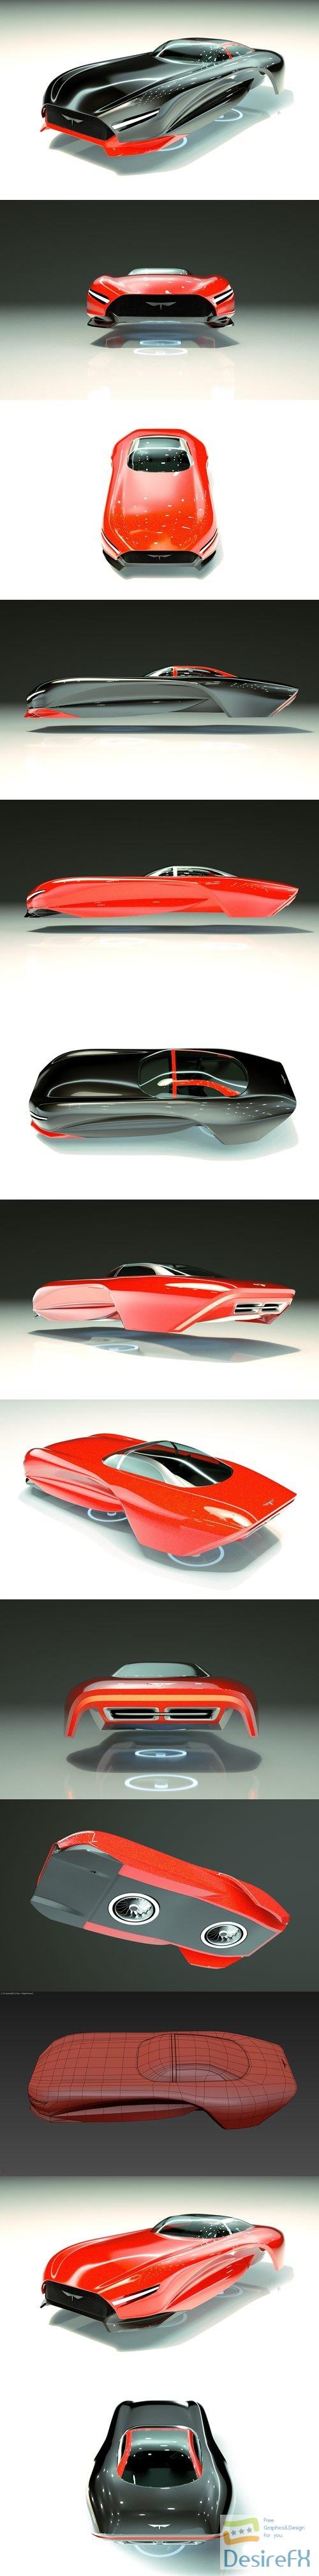 3d-models - Cheap & Cool T-Hover Car 17 3D Model